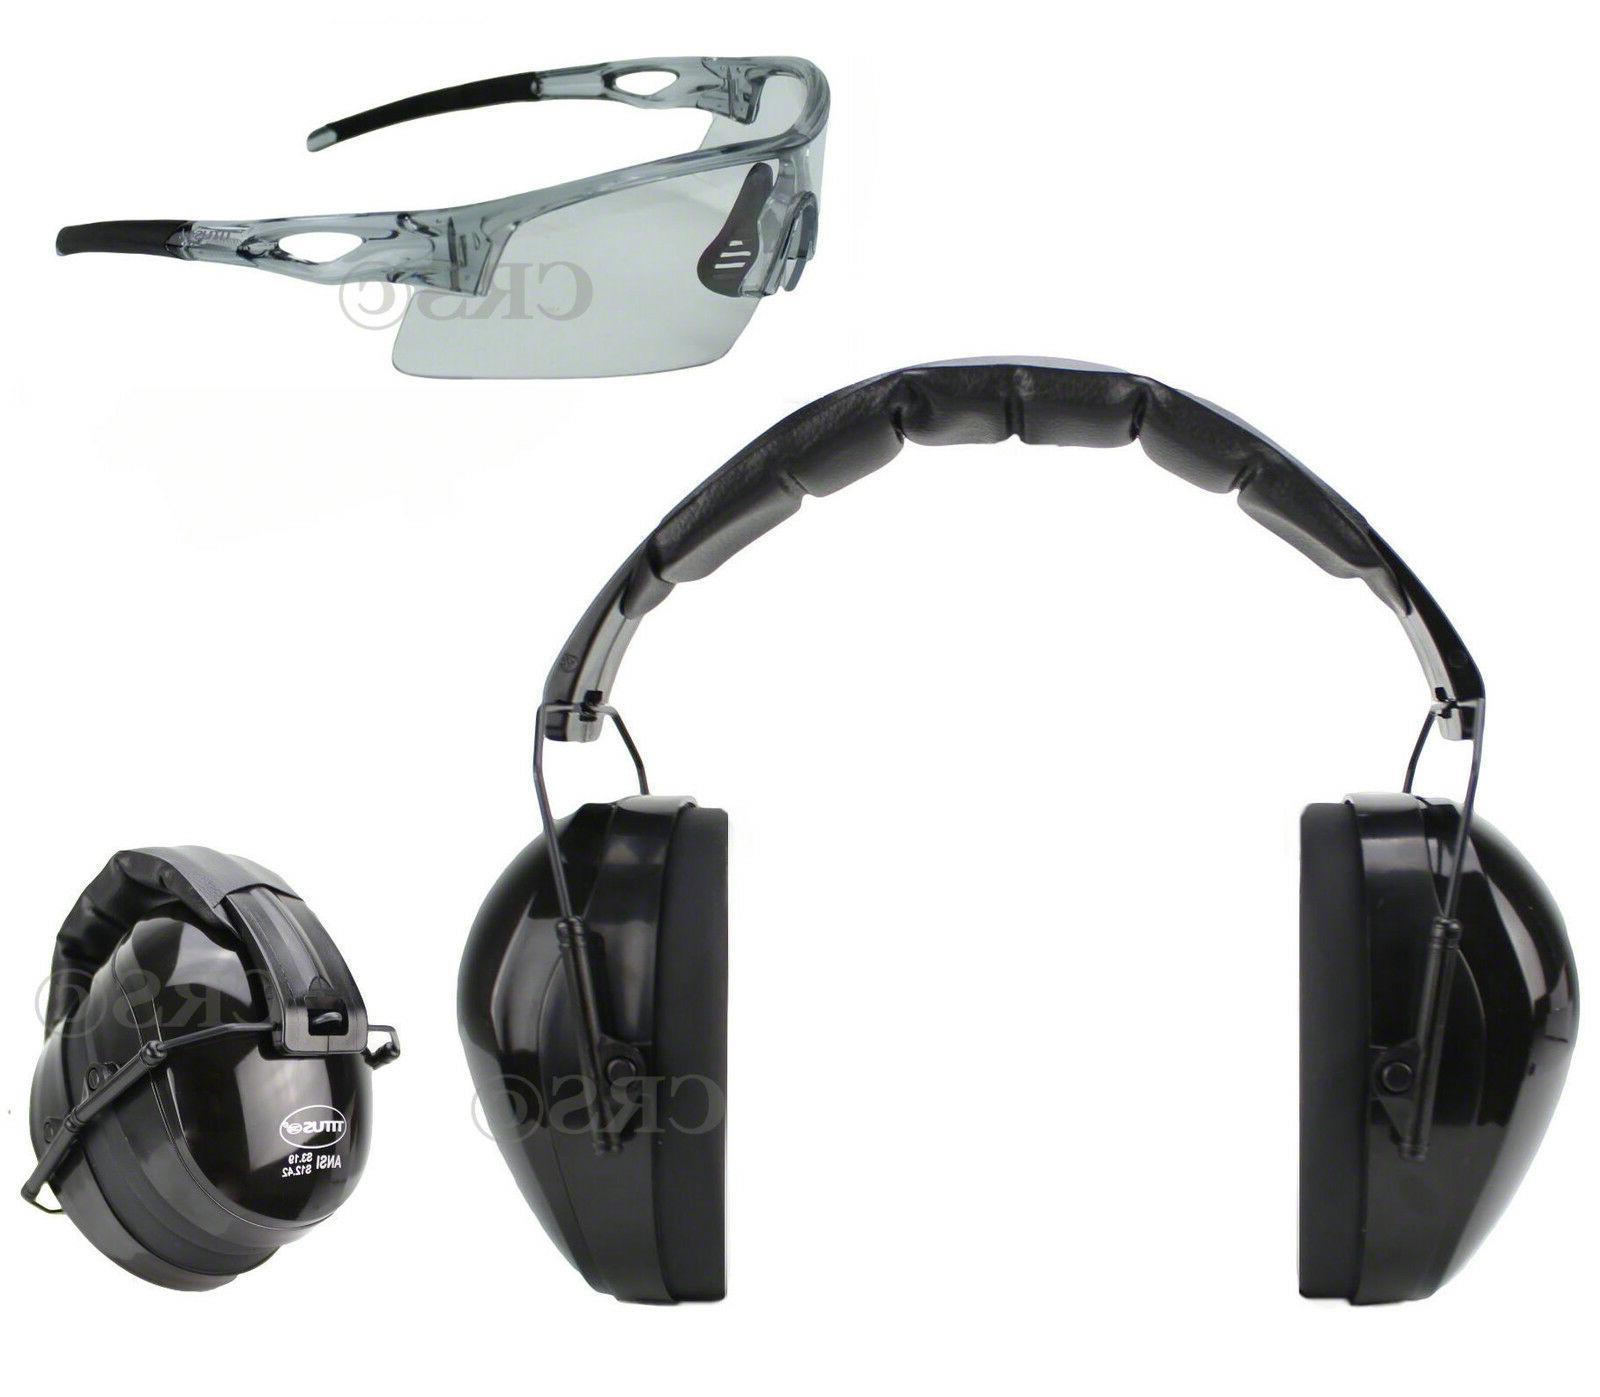 Shooting Range Earmuff Hearing Noise Protection Reduction Sa